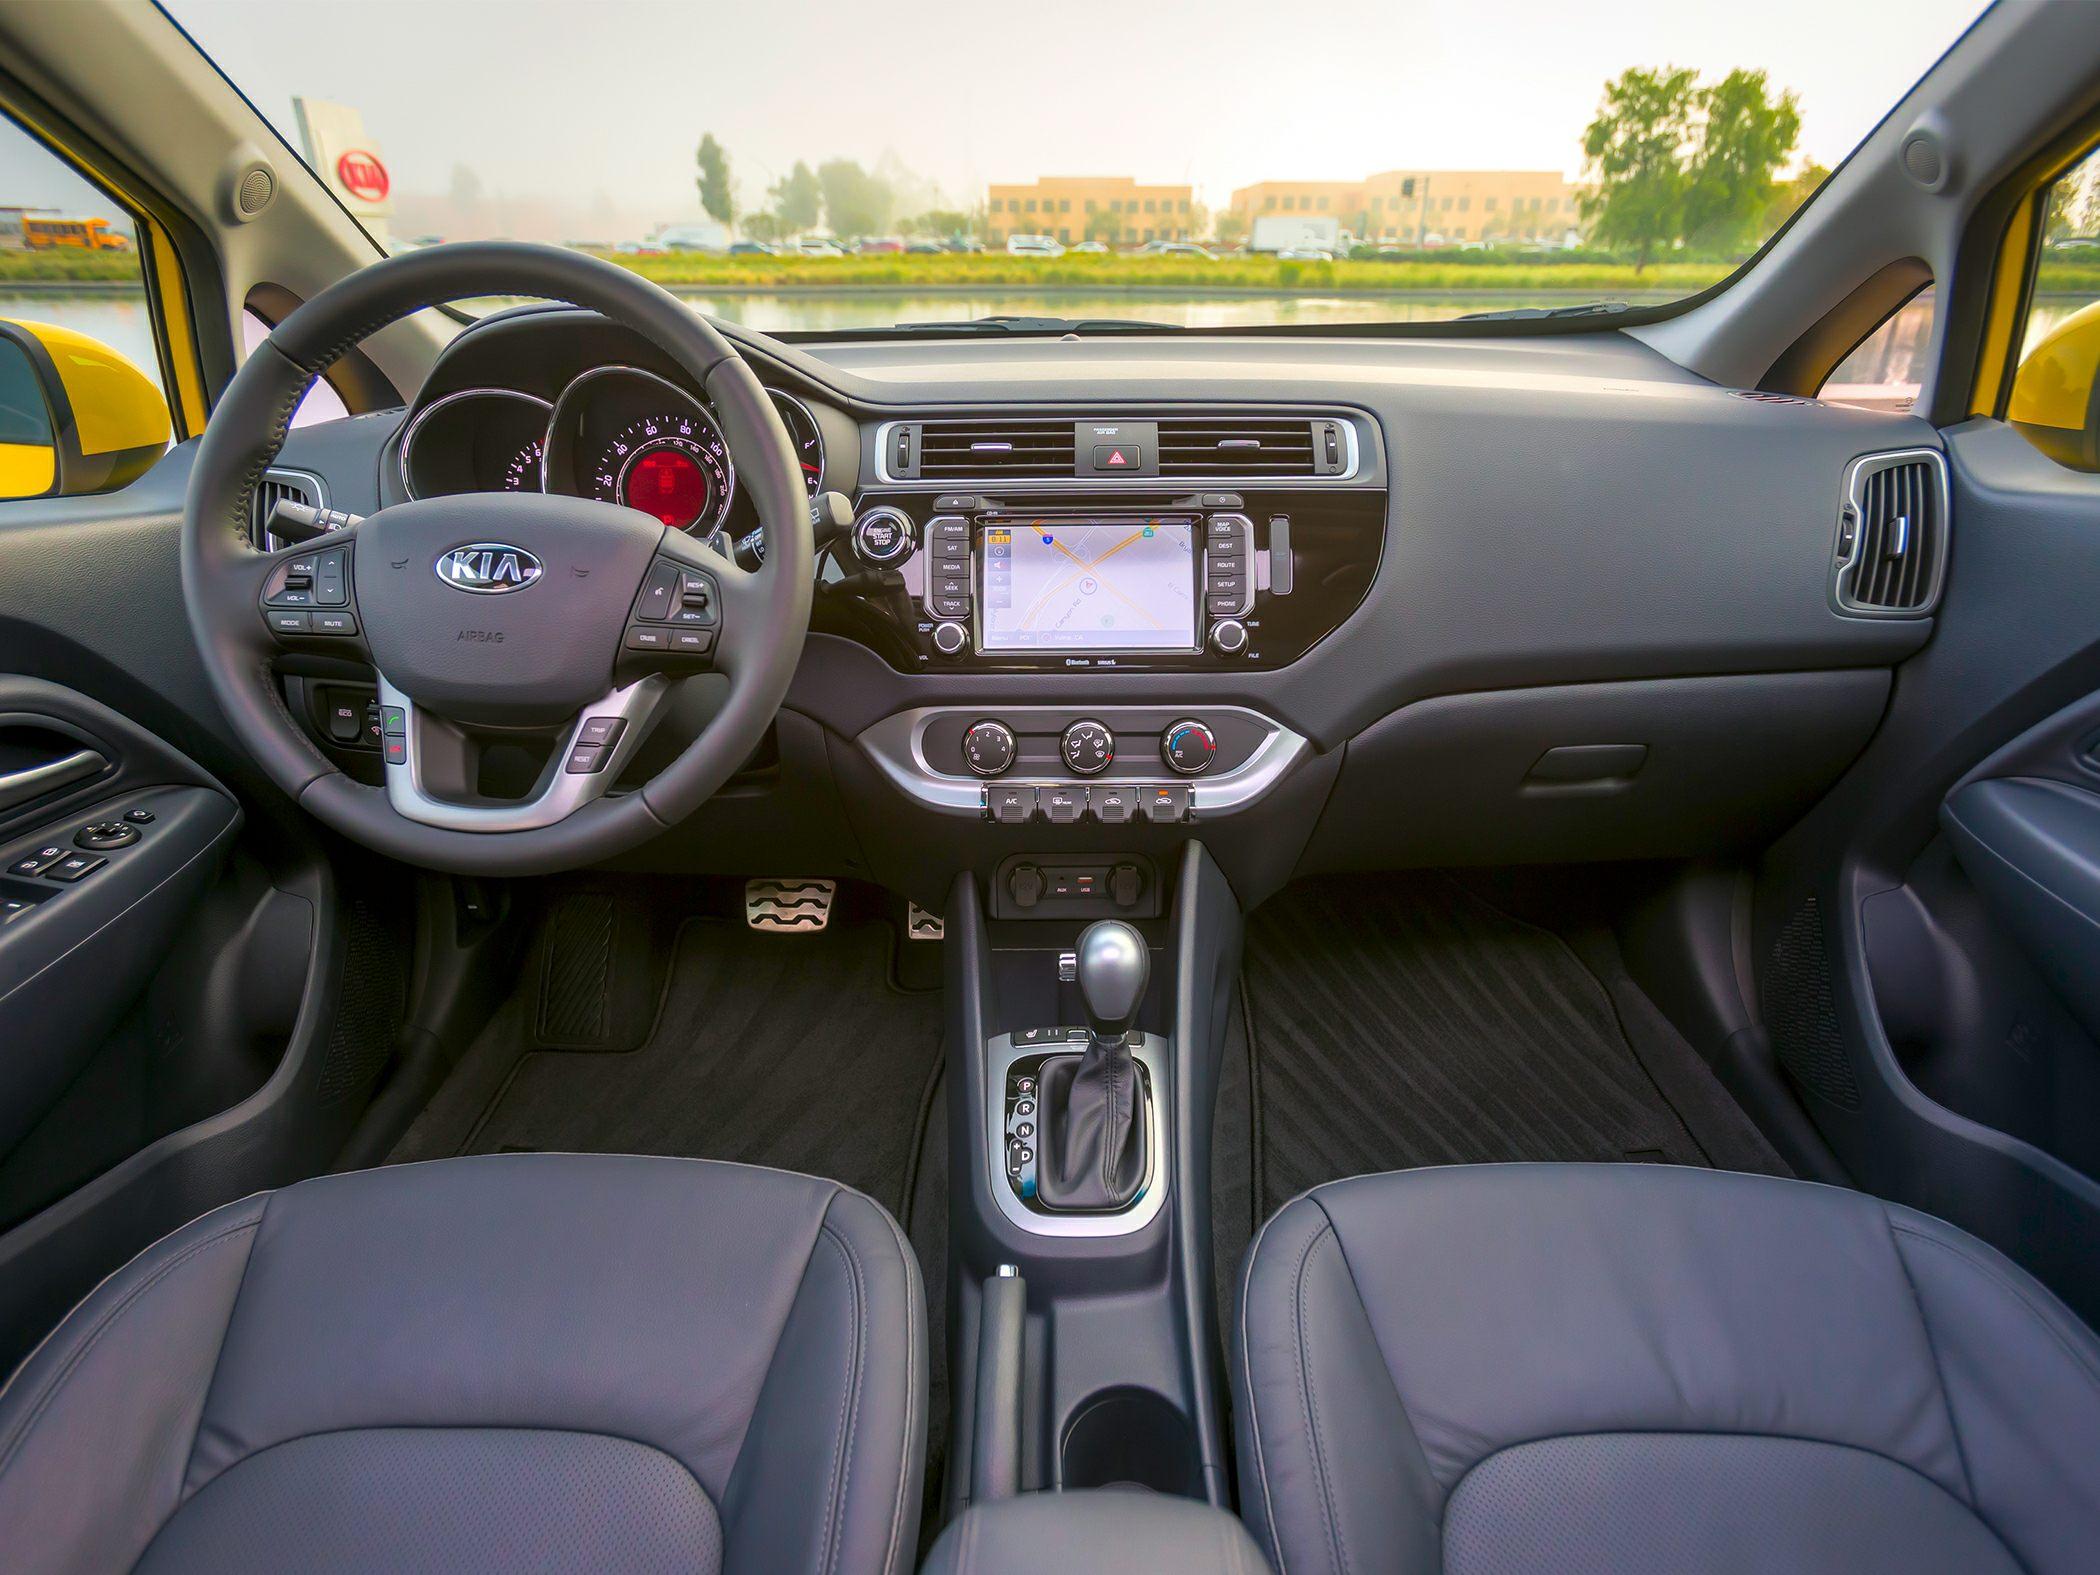 Kia Cerato I 2003 - 2006 Hatchback 5 door #5